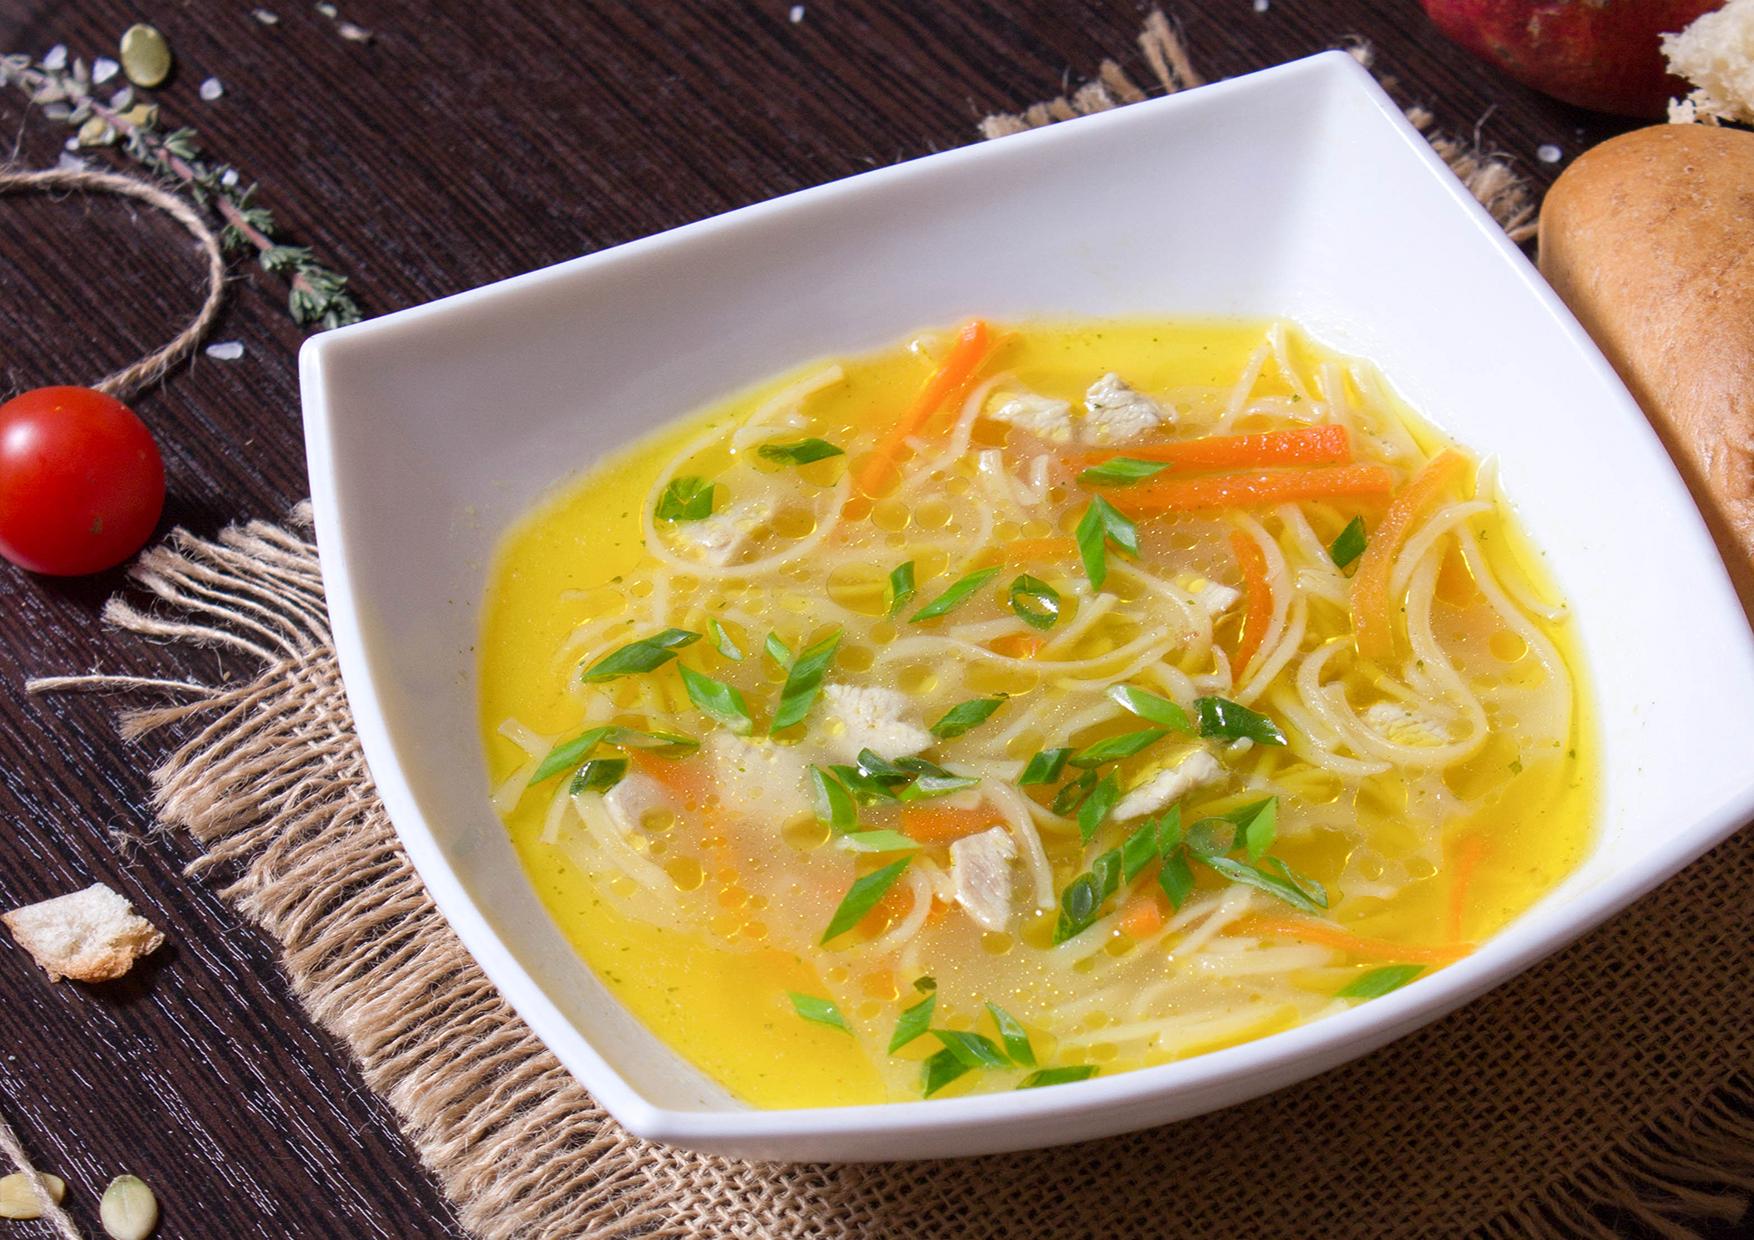 суп с курицей рецепт в картинках твоей жизни